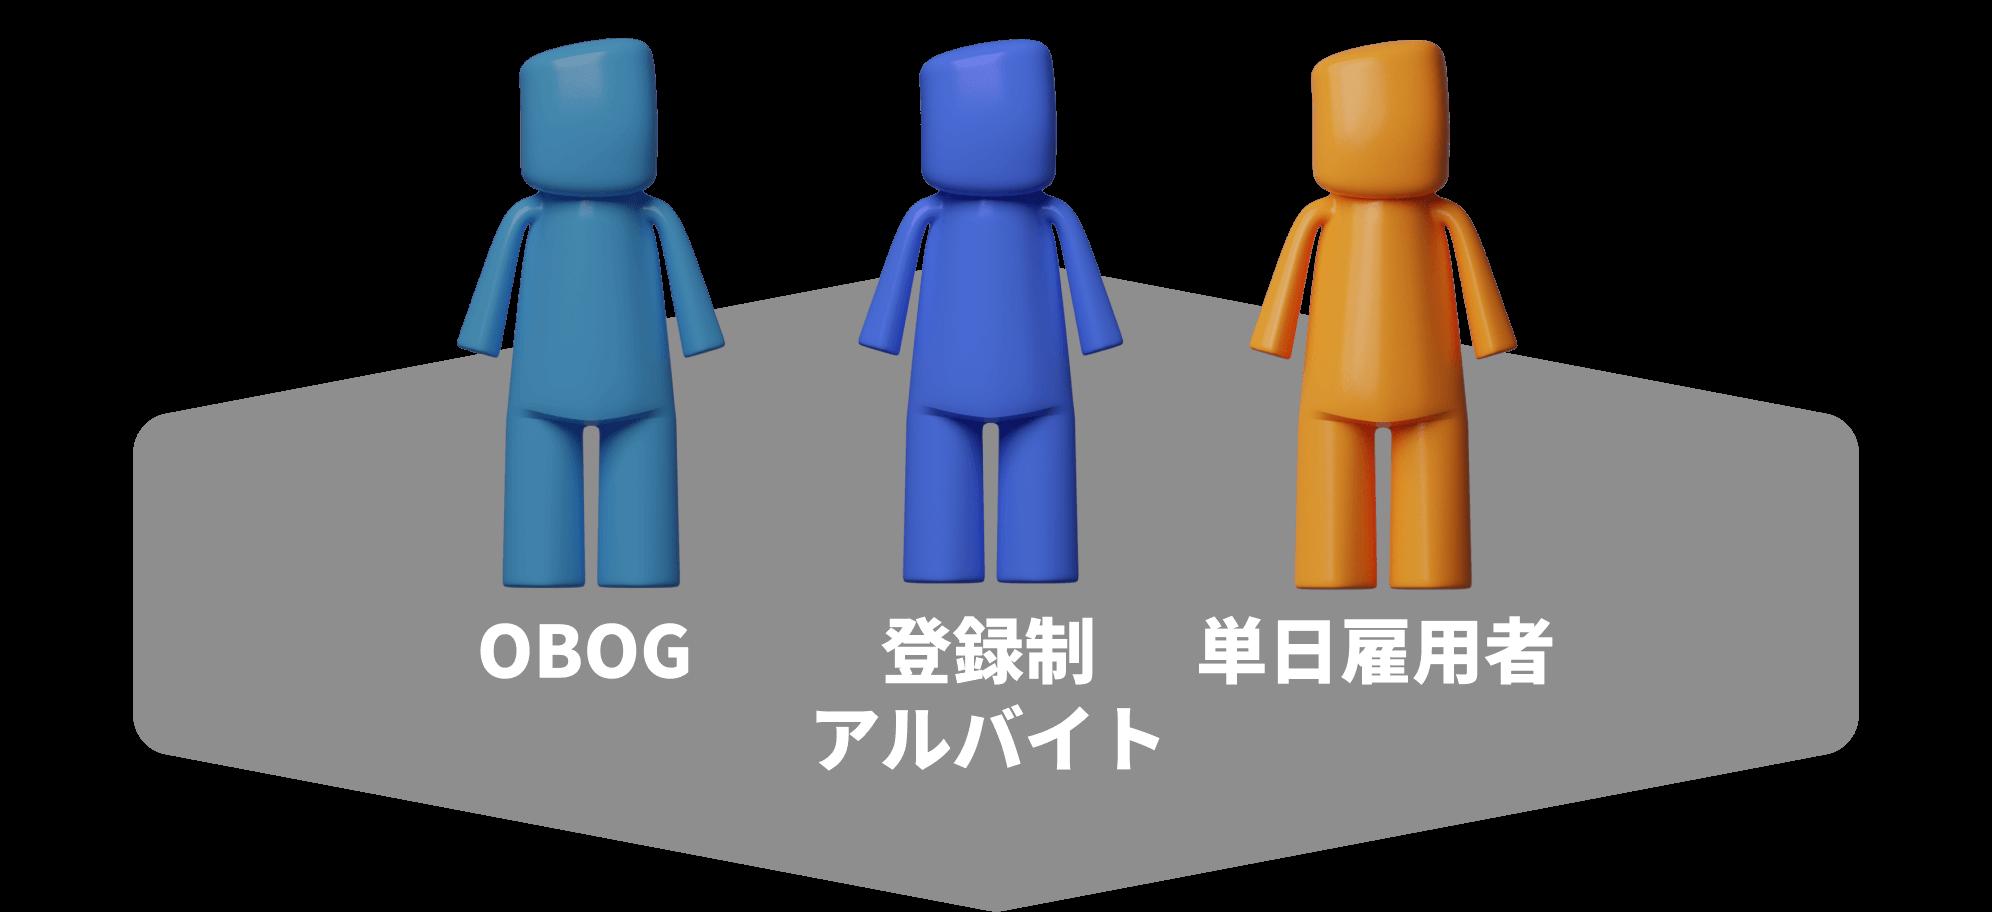 OBOG、登録制アルバイト、単日雇用者